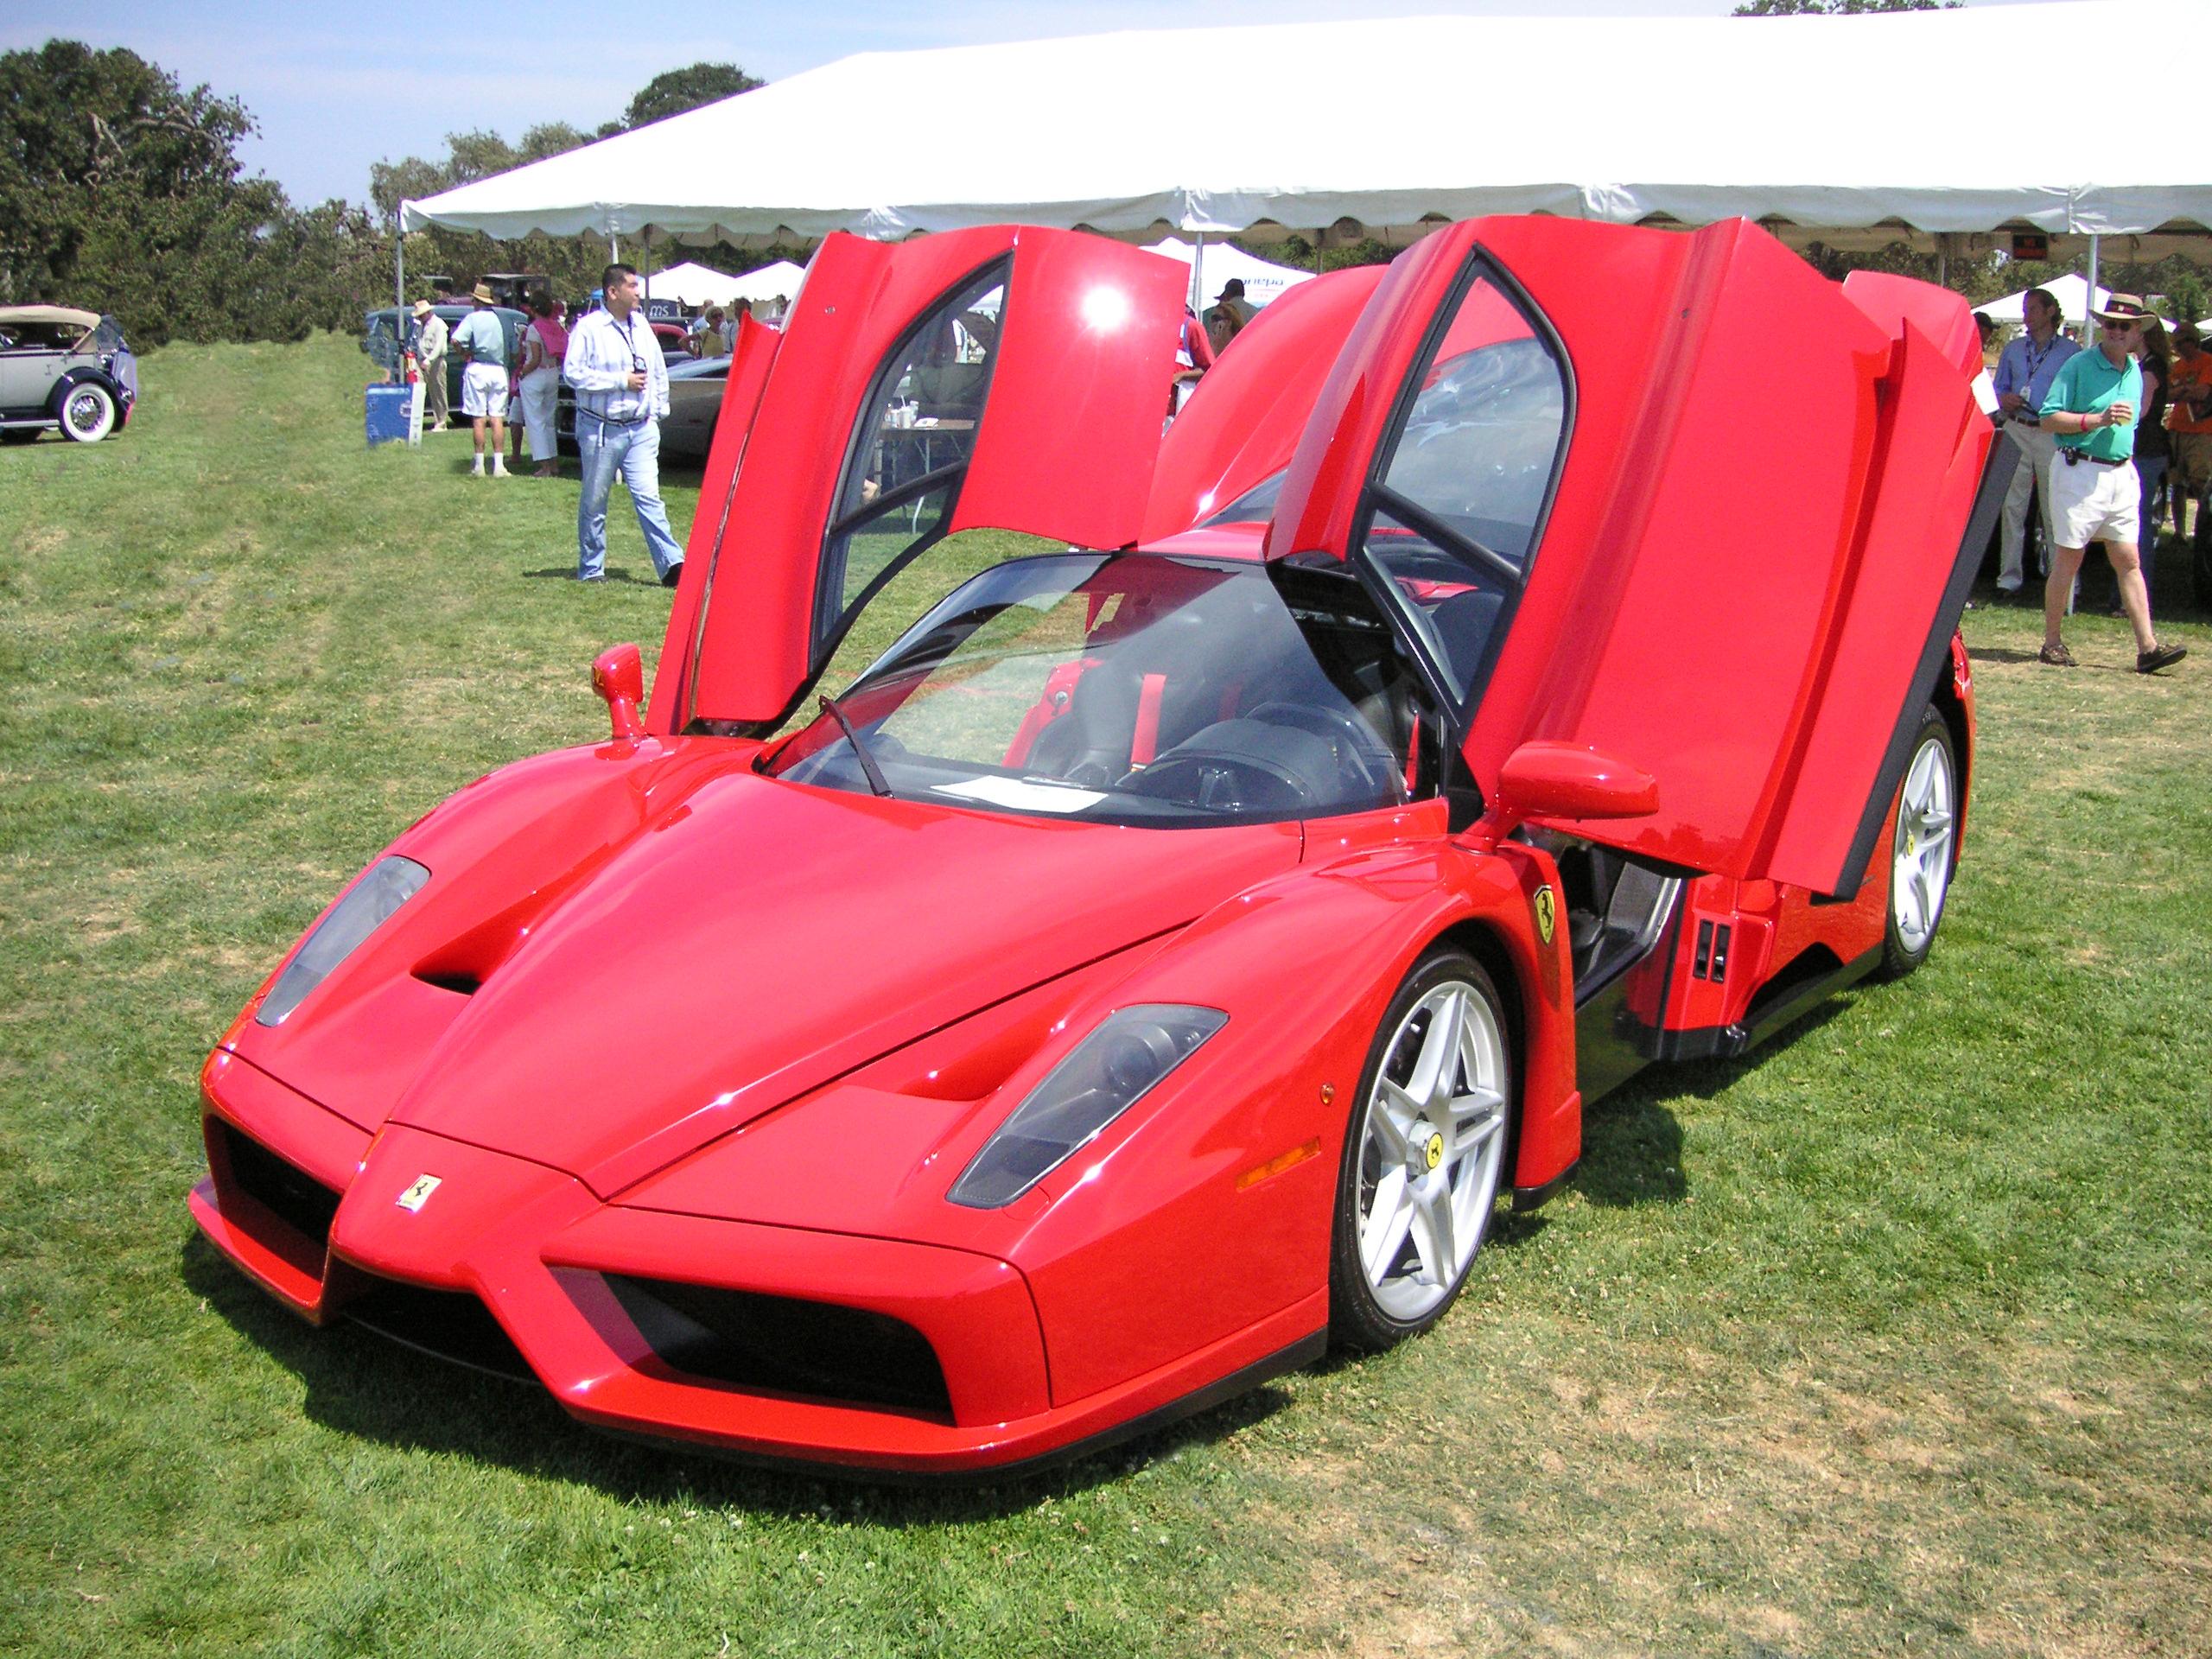 The Ferrari SUV: Logical Progression or Blasphemy?